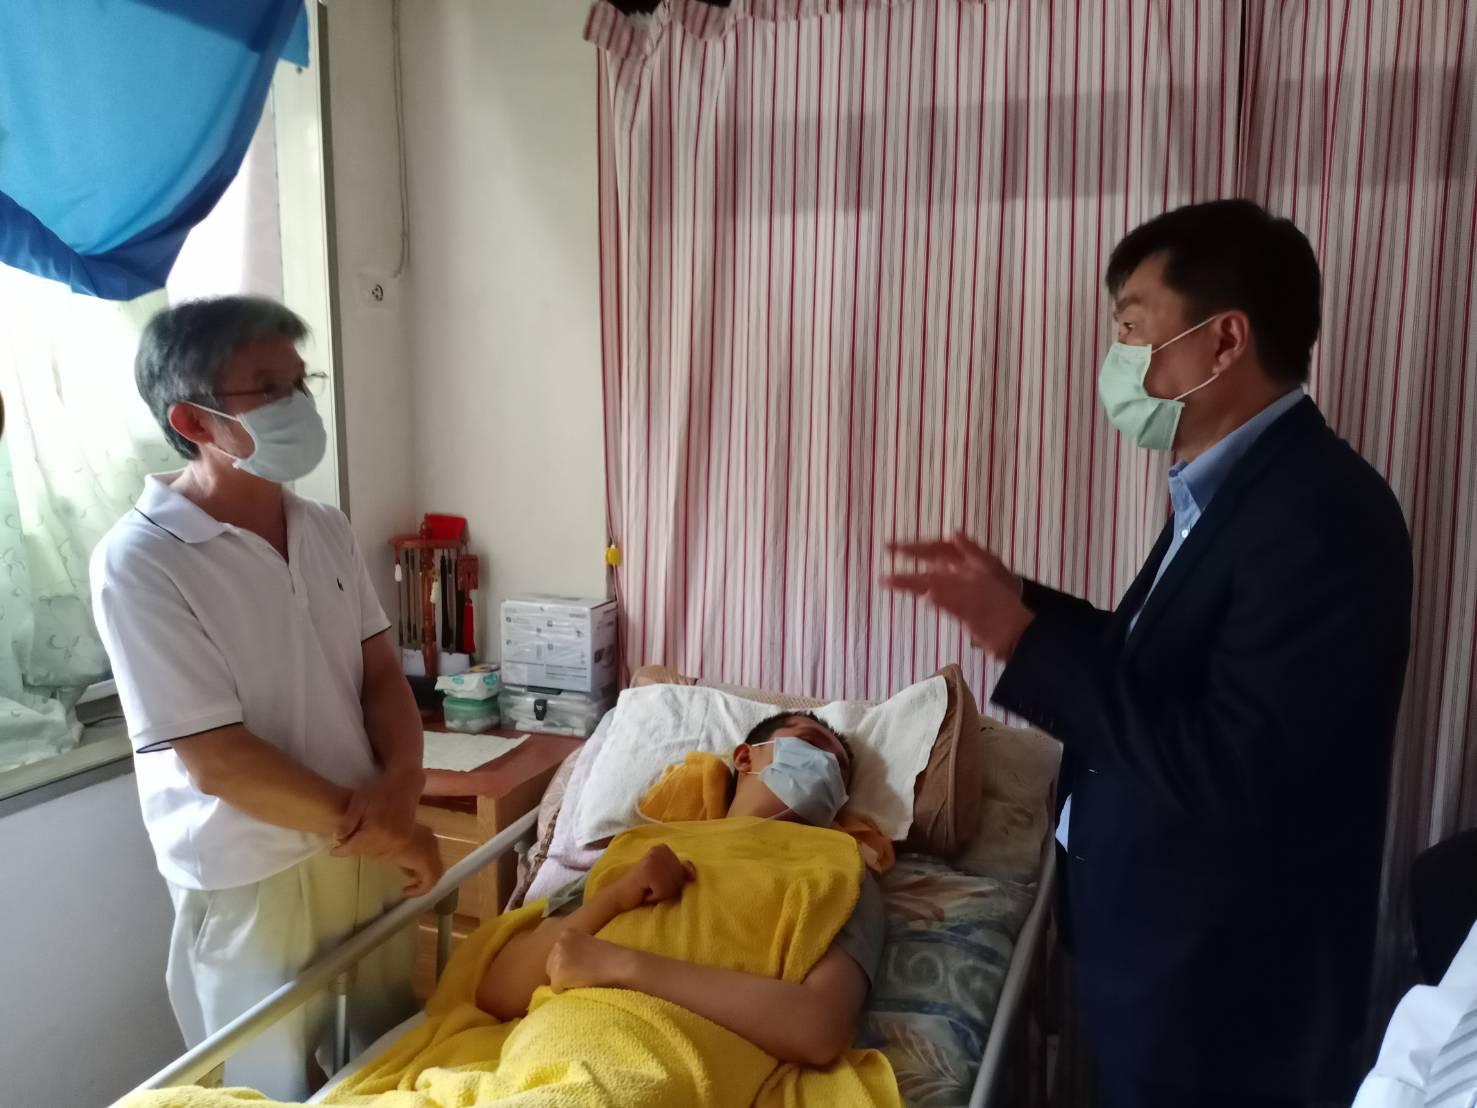 陳政次關心暸解因公受傷成重癱役男的照護情形及服務需求